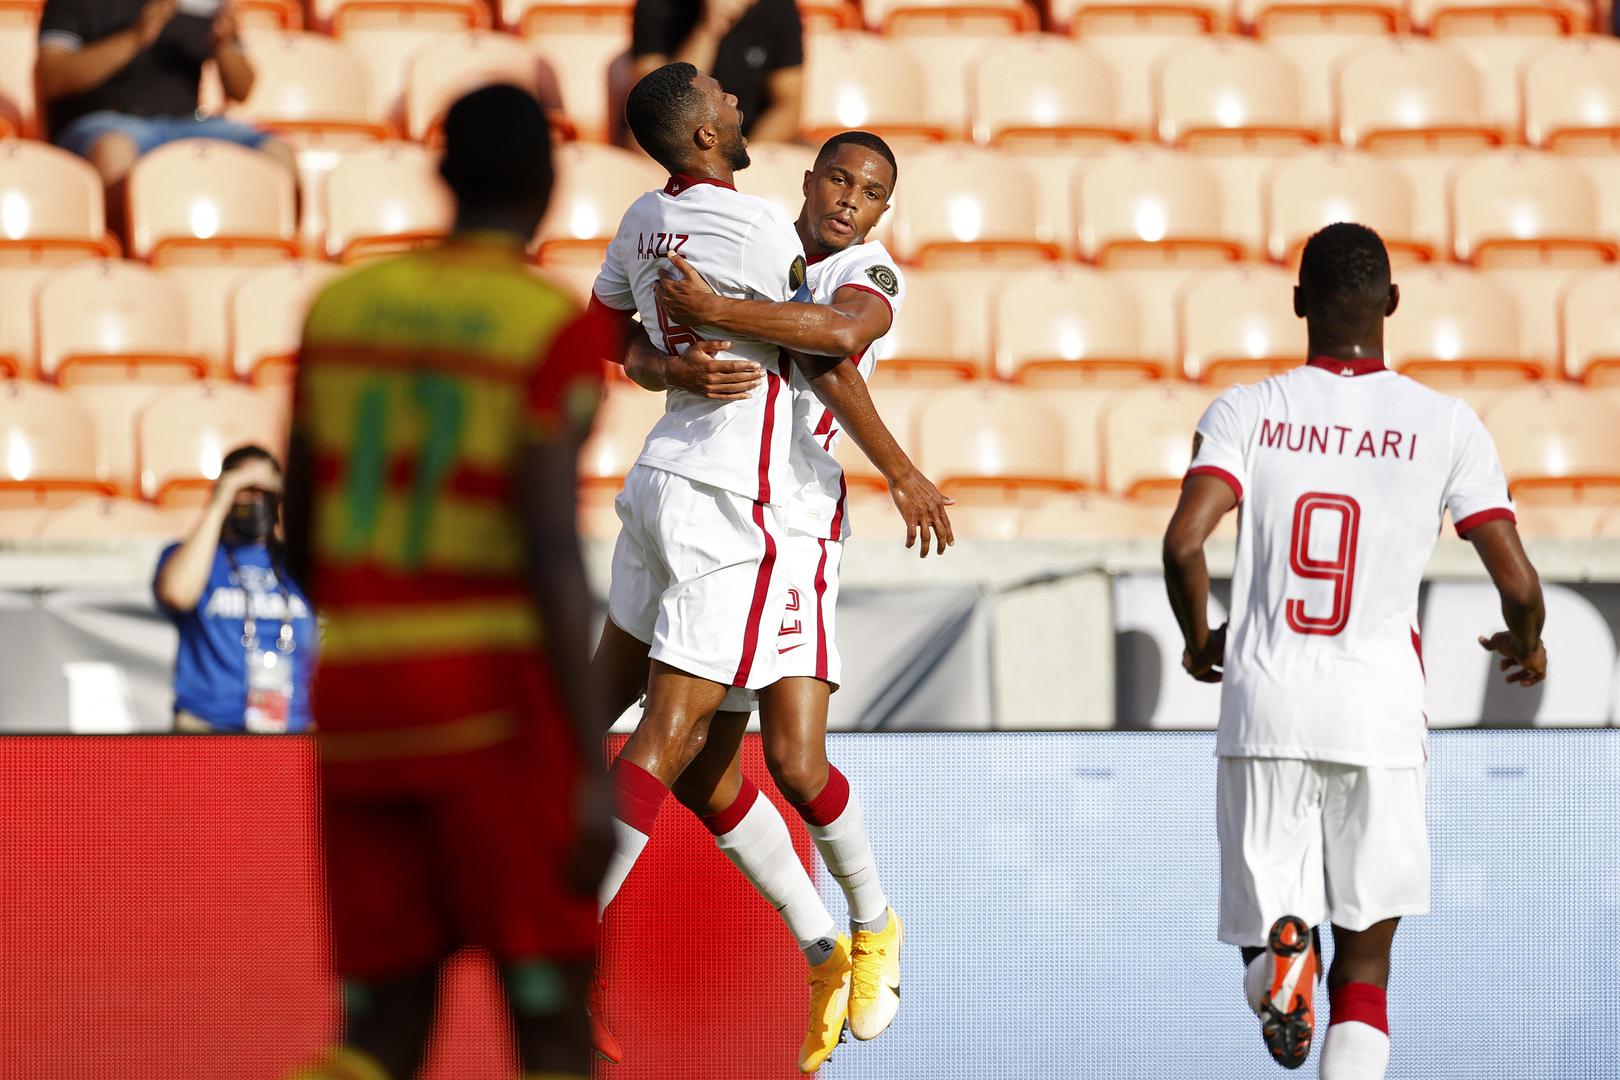 قطر تحقق أول انتصار في الكأس الذهبية (فيديو)